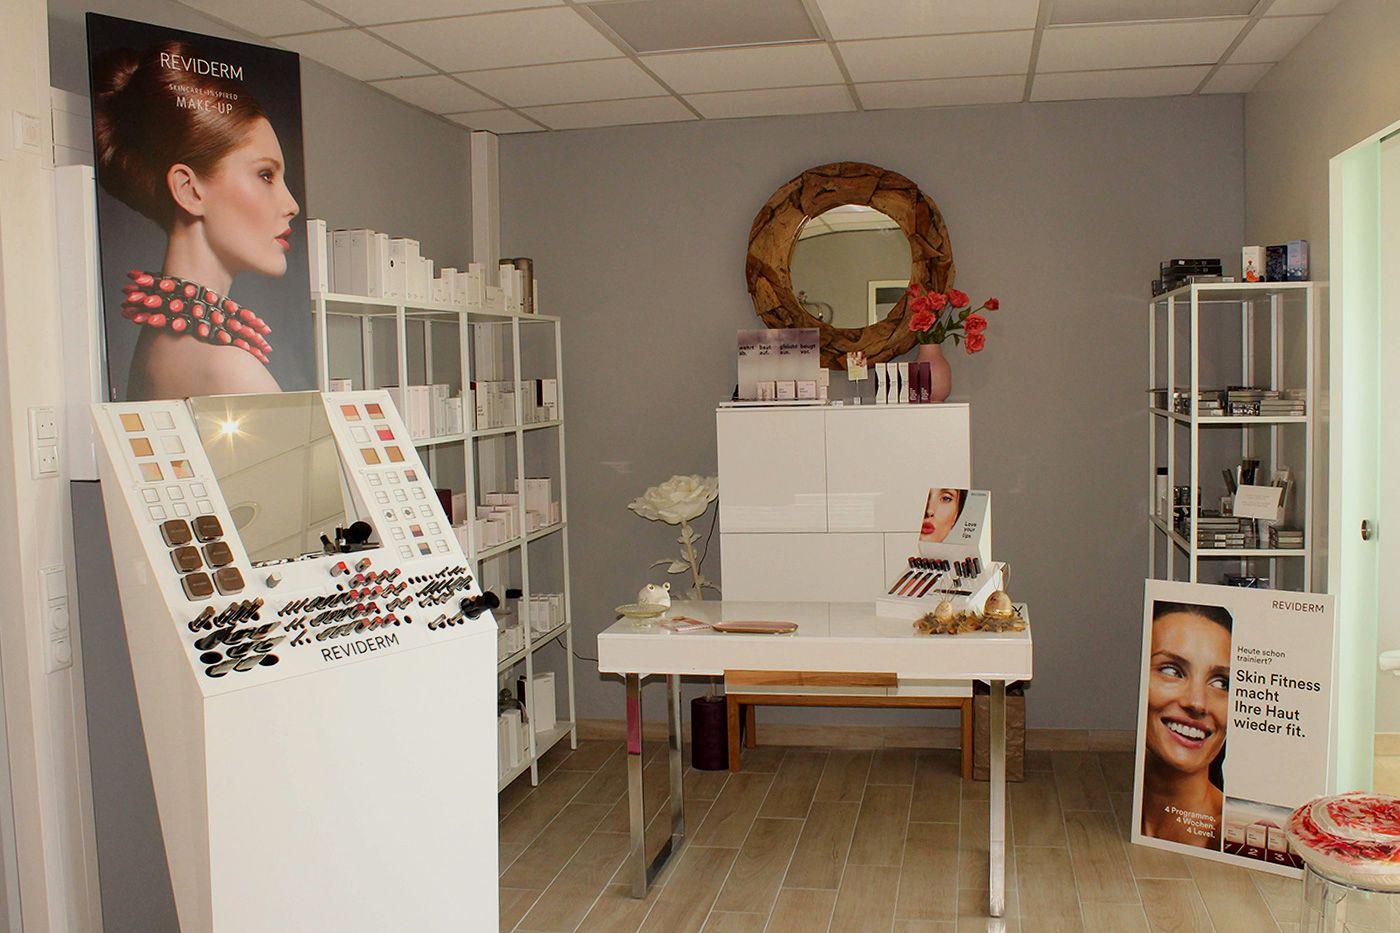 Hautkompetenz Zentrum Peschek